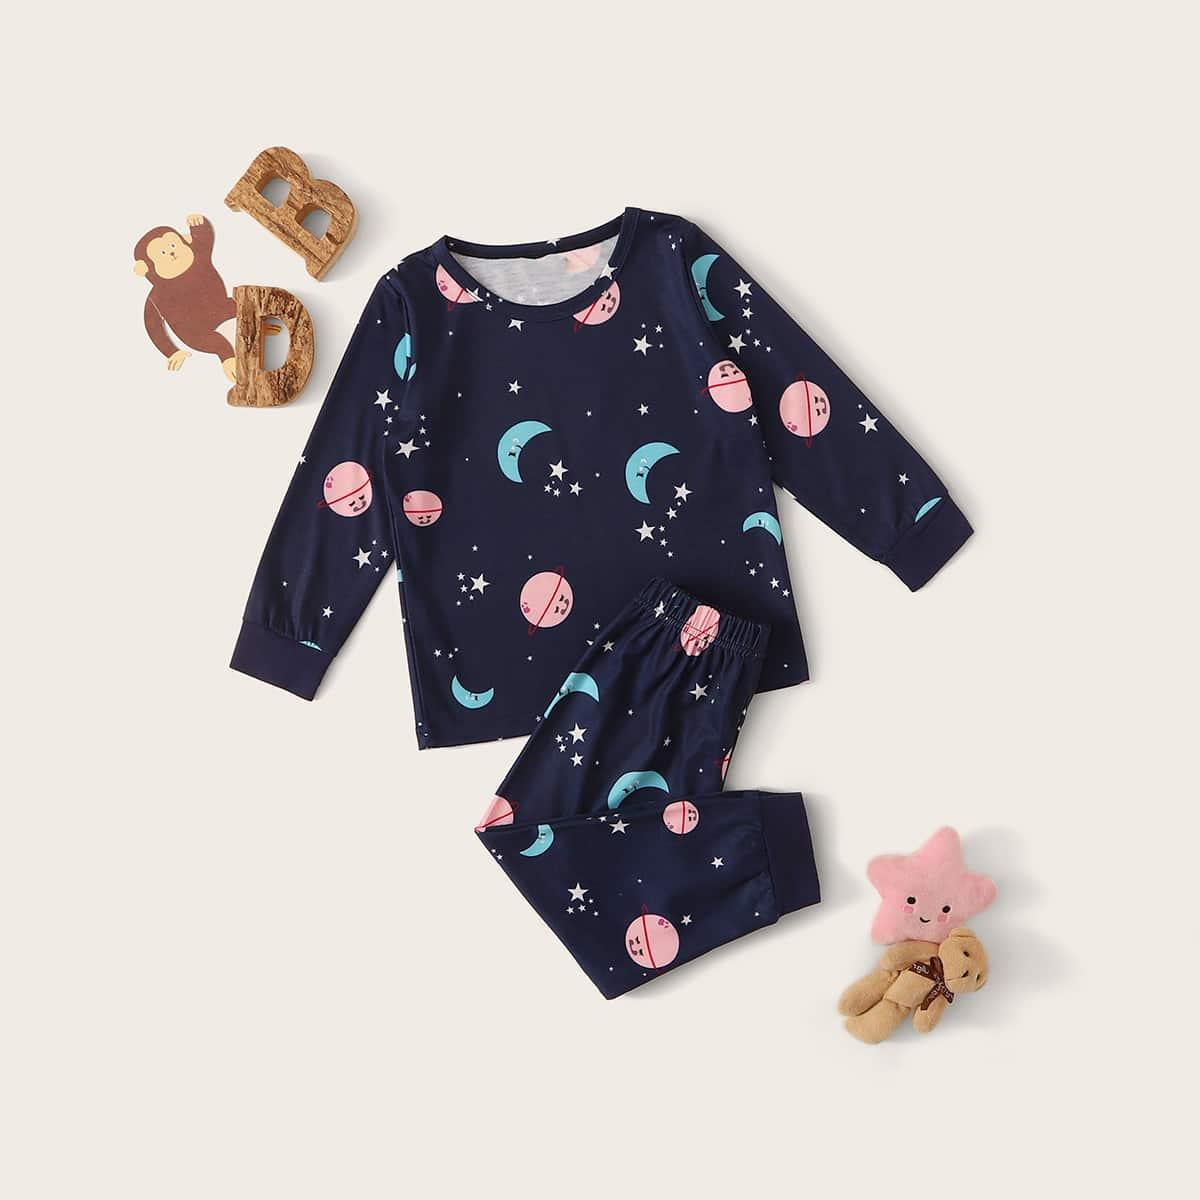 Пижама с графическим принтом для девочек от SHEIN